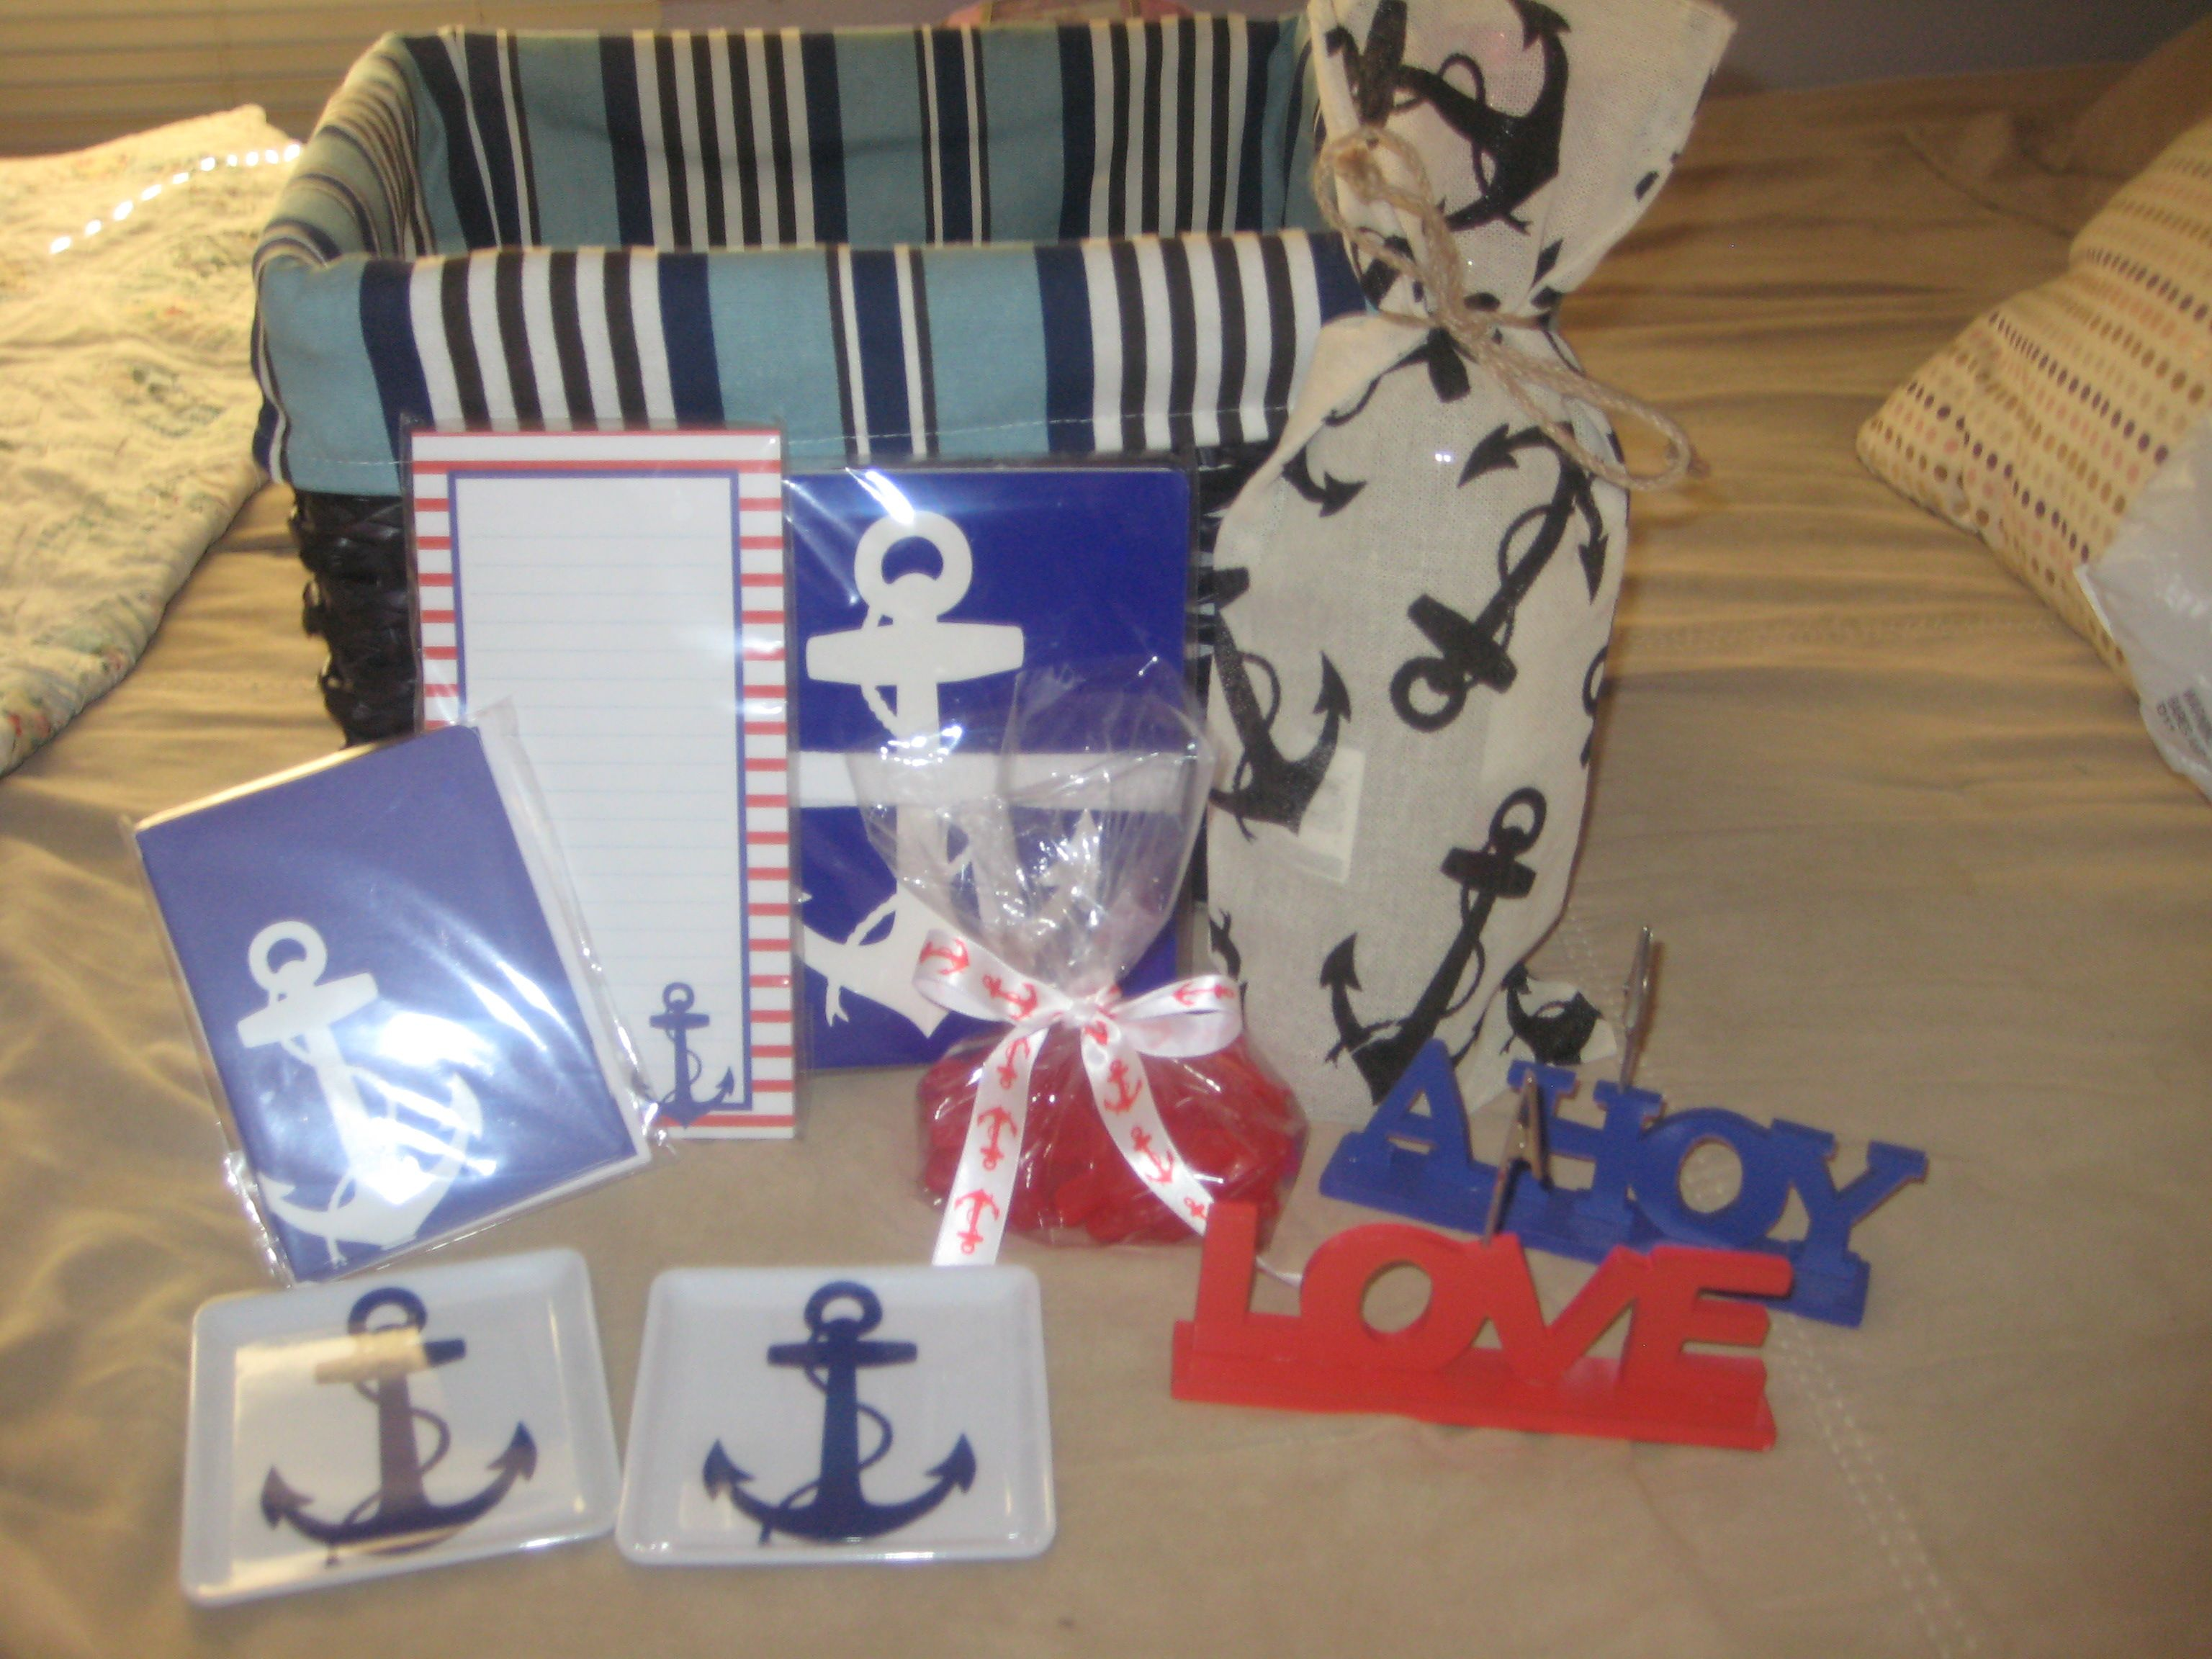 Nautical Gift Basket For Lake Themed Wedding